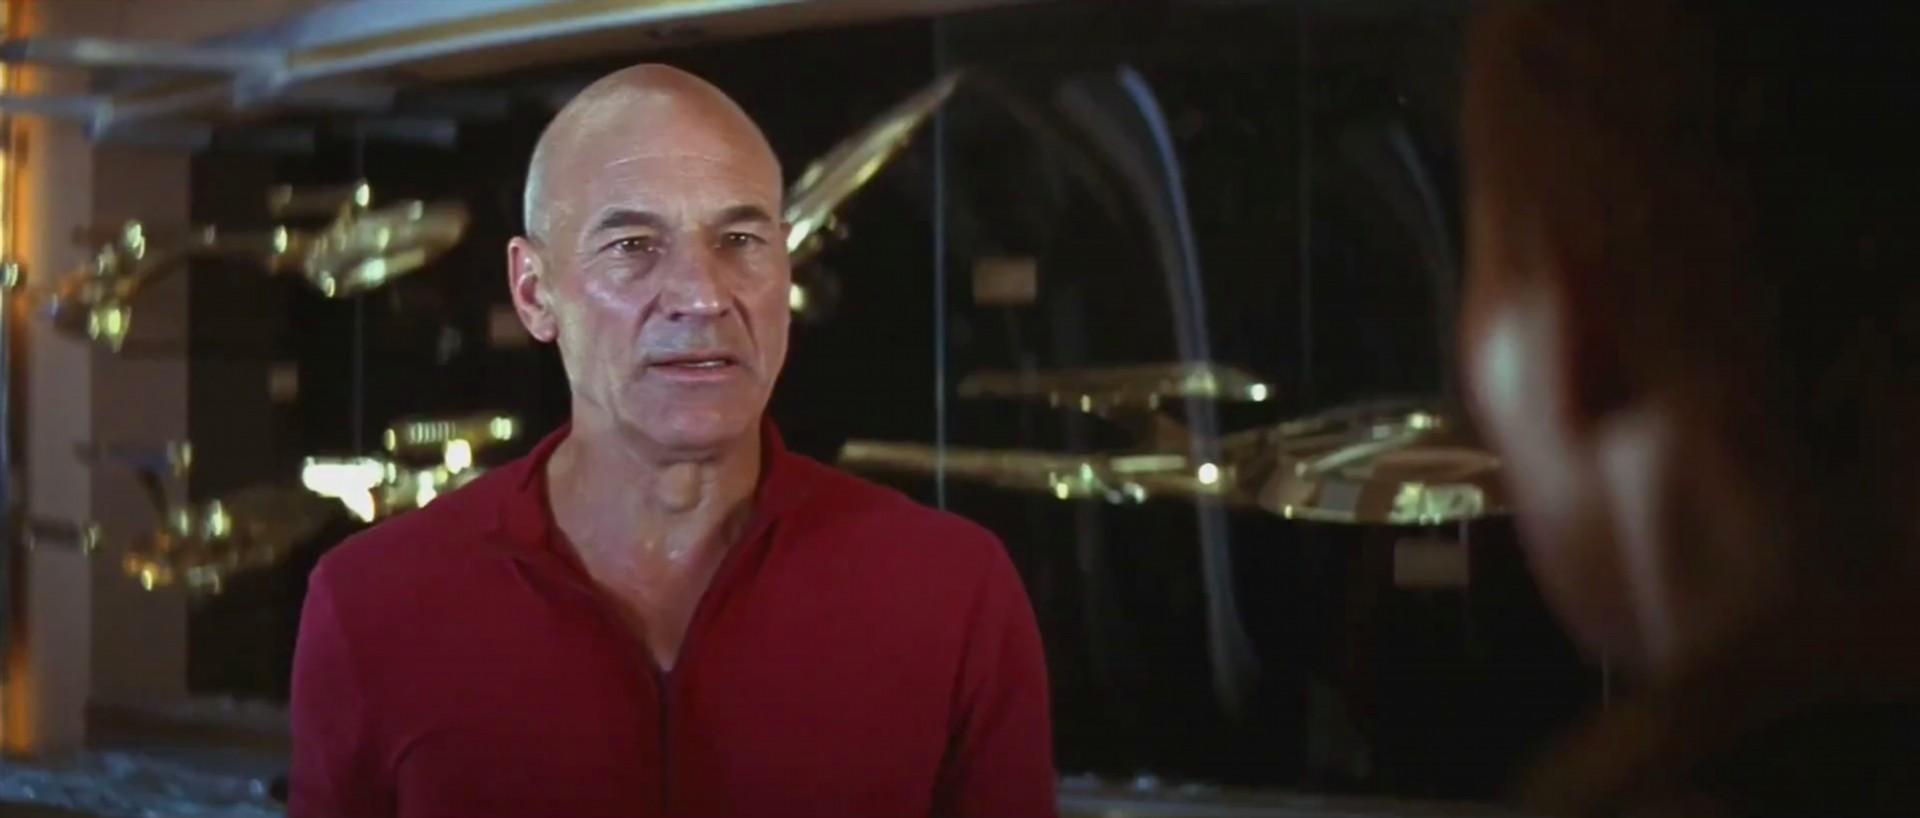 Captain Jean Luc Picard